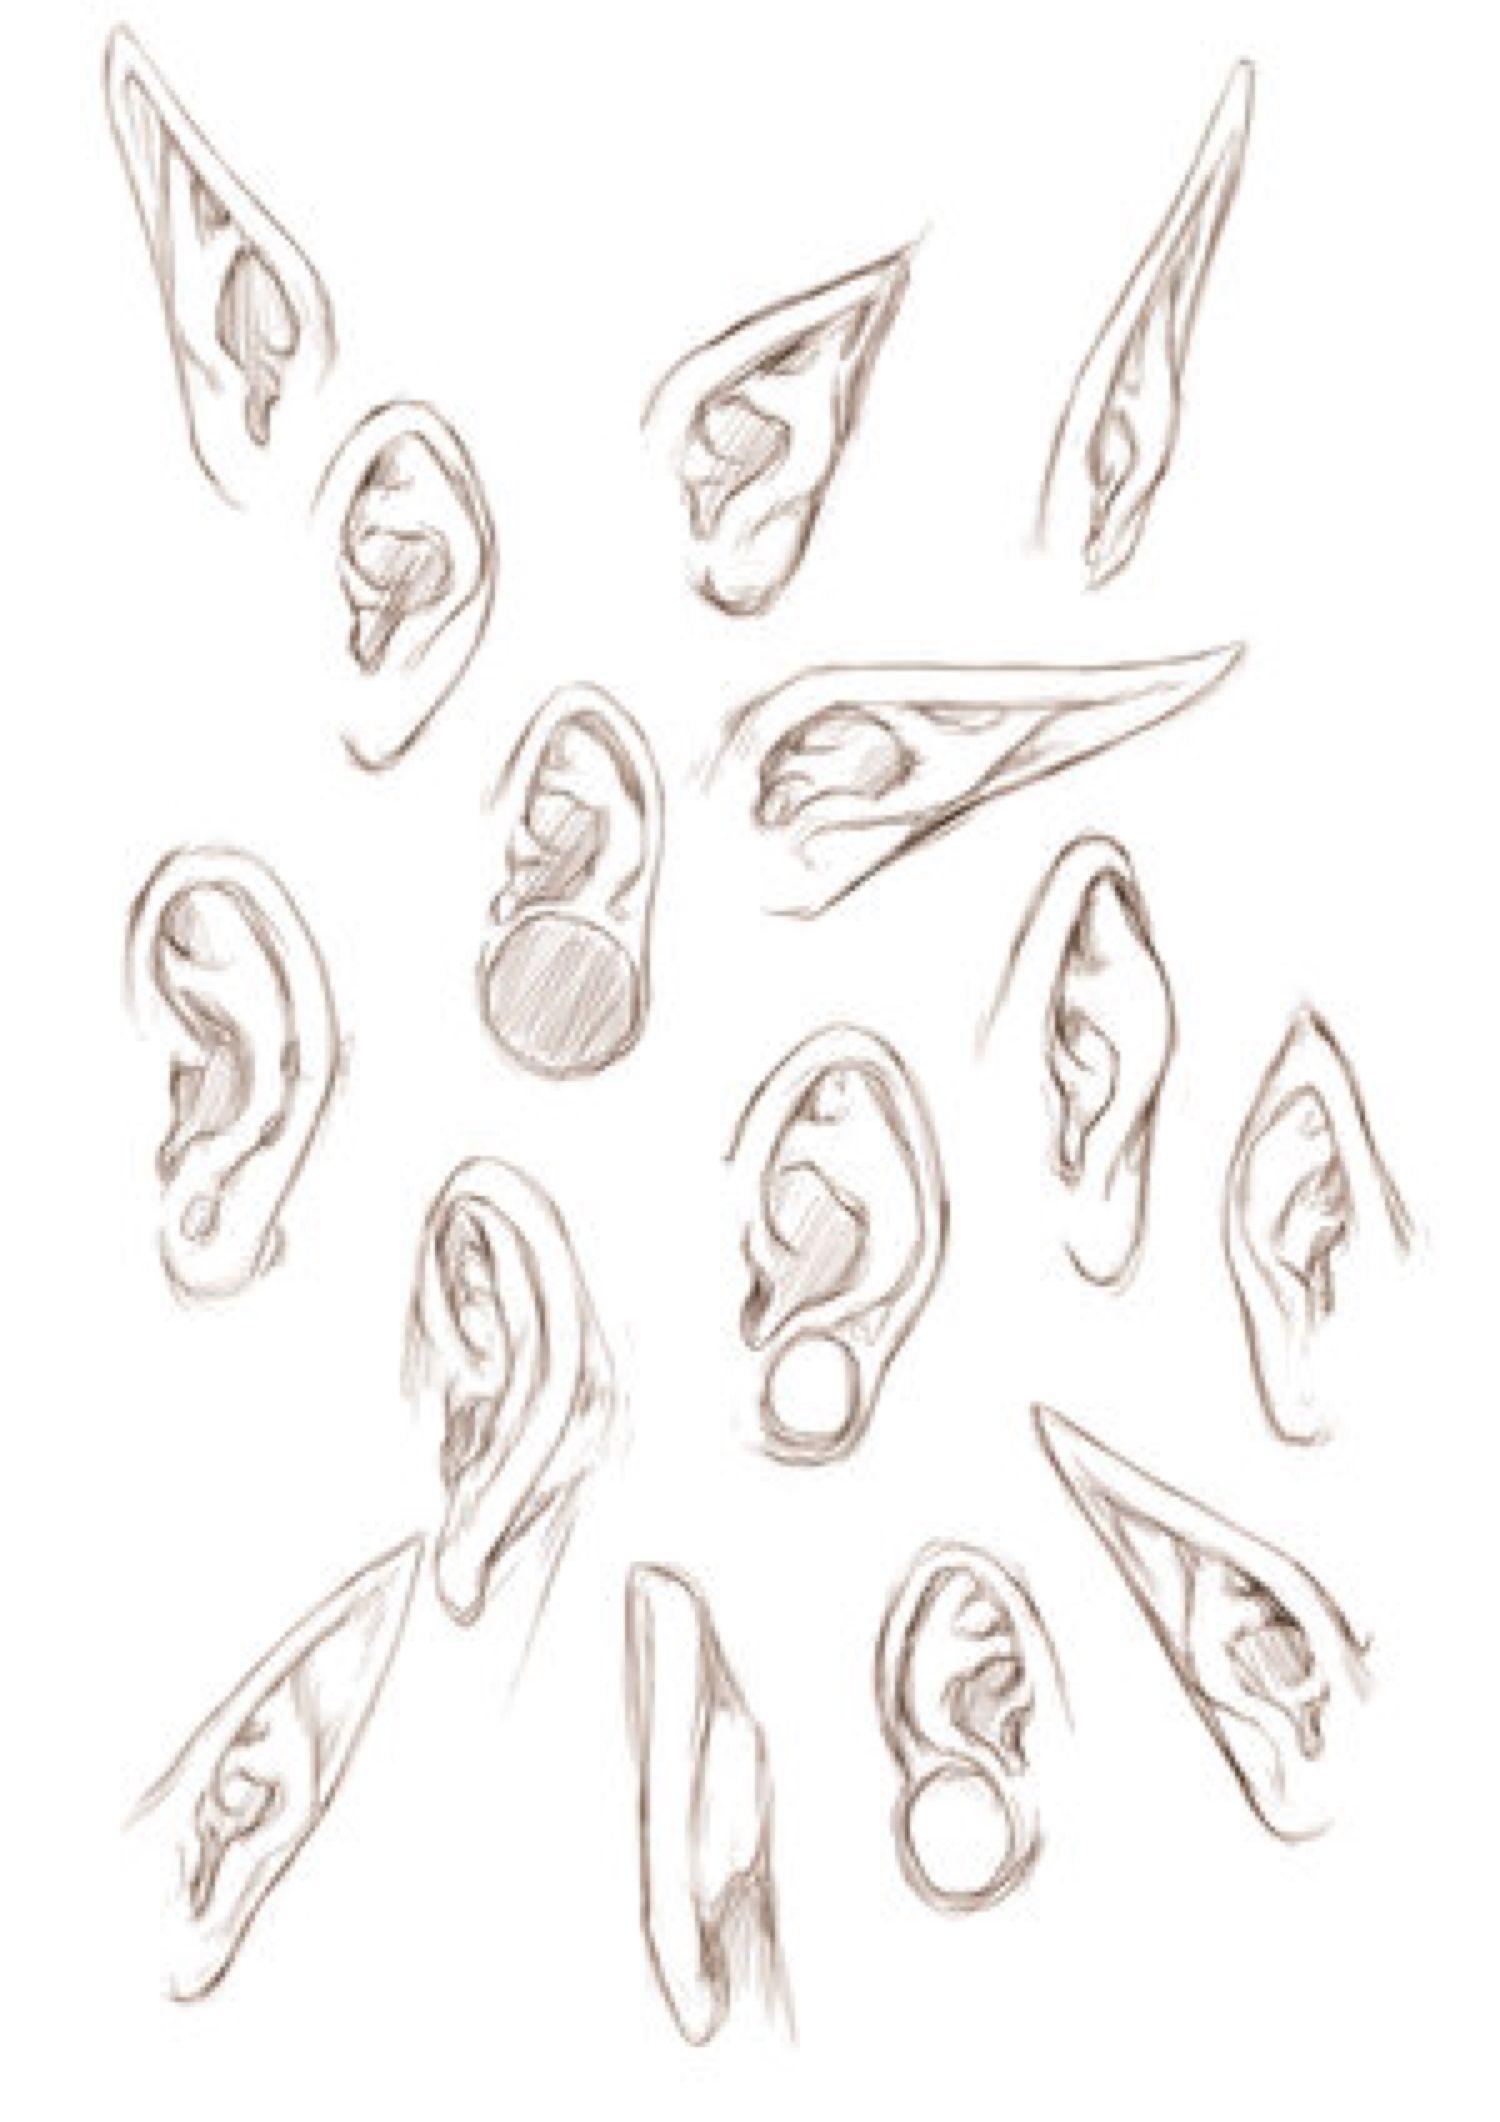 EARS+ by jinx-star on @DeviantArt | стадики | Pinterest | Dibujo ...